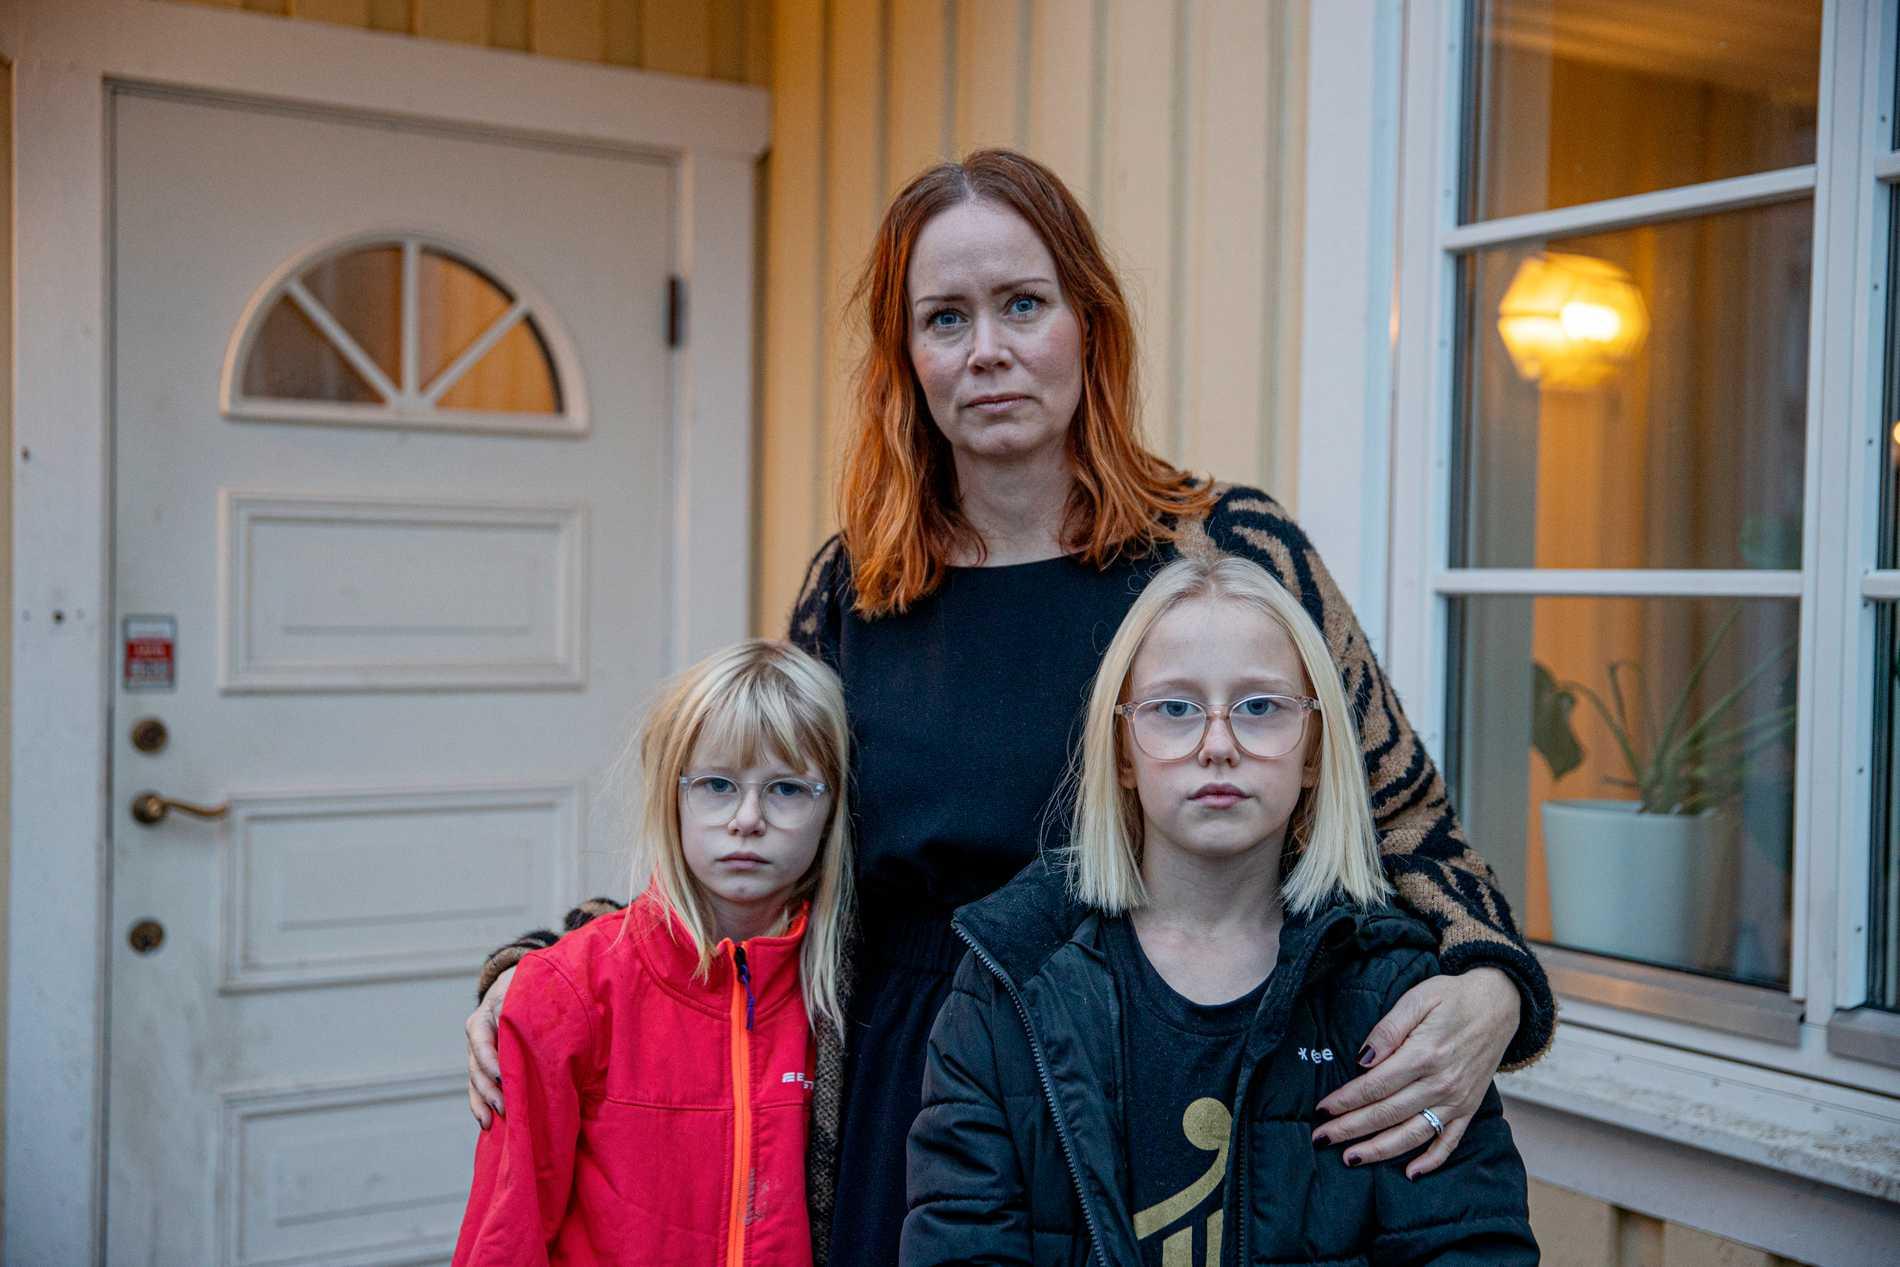 Tvillingarna Molly och Nora har varit sjuka sedan mars. Nora ingår i en fallstudie om barn som sannolikt är långtidssjuka i covid-19.